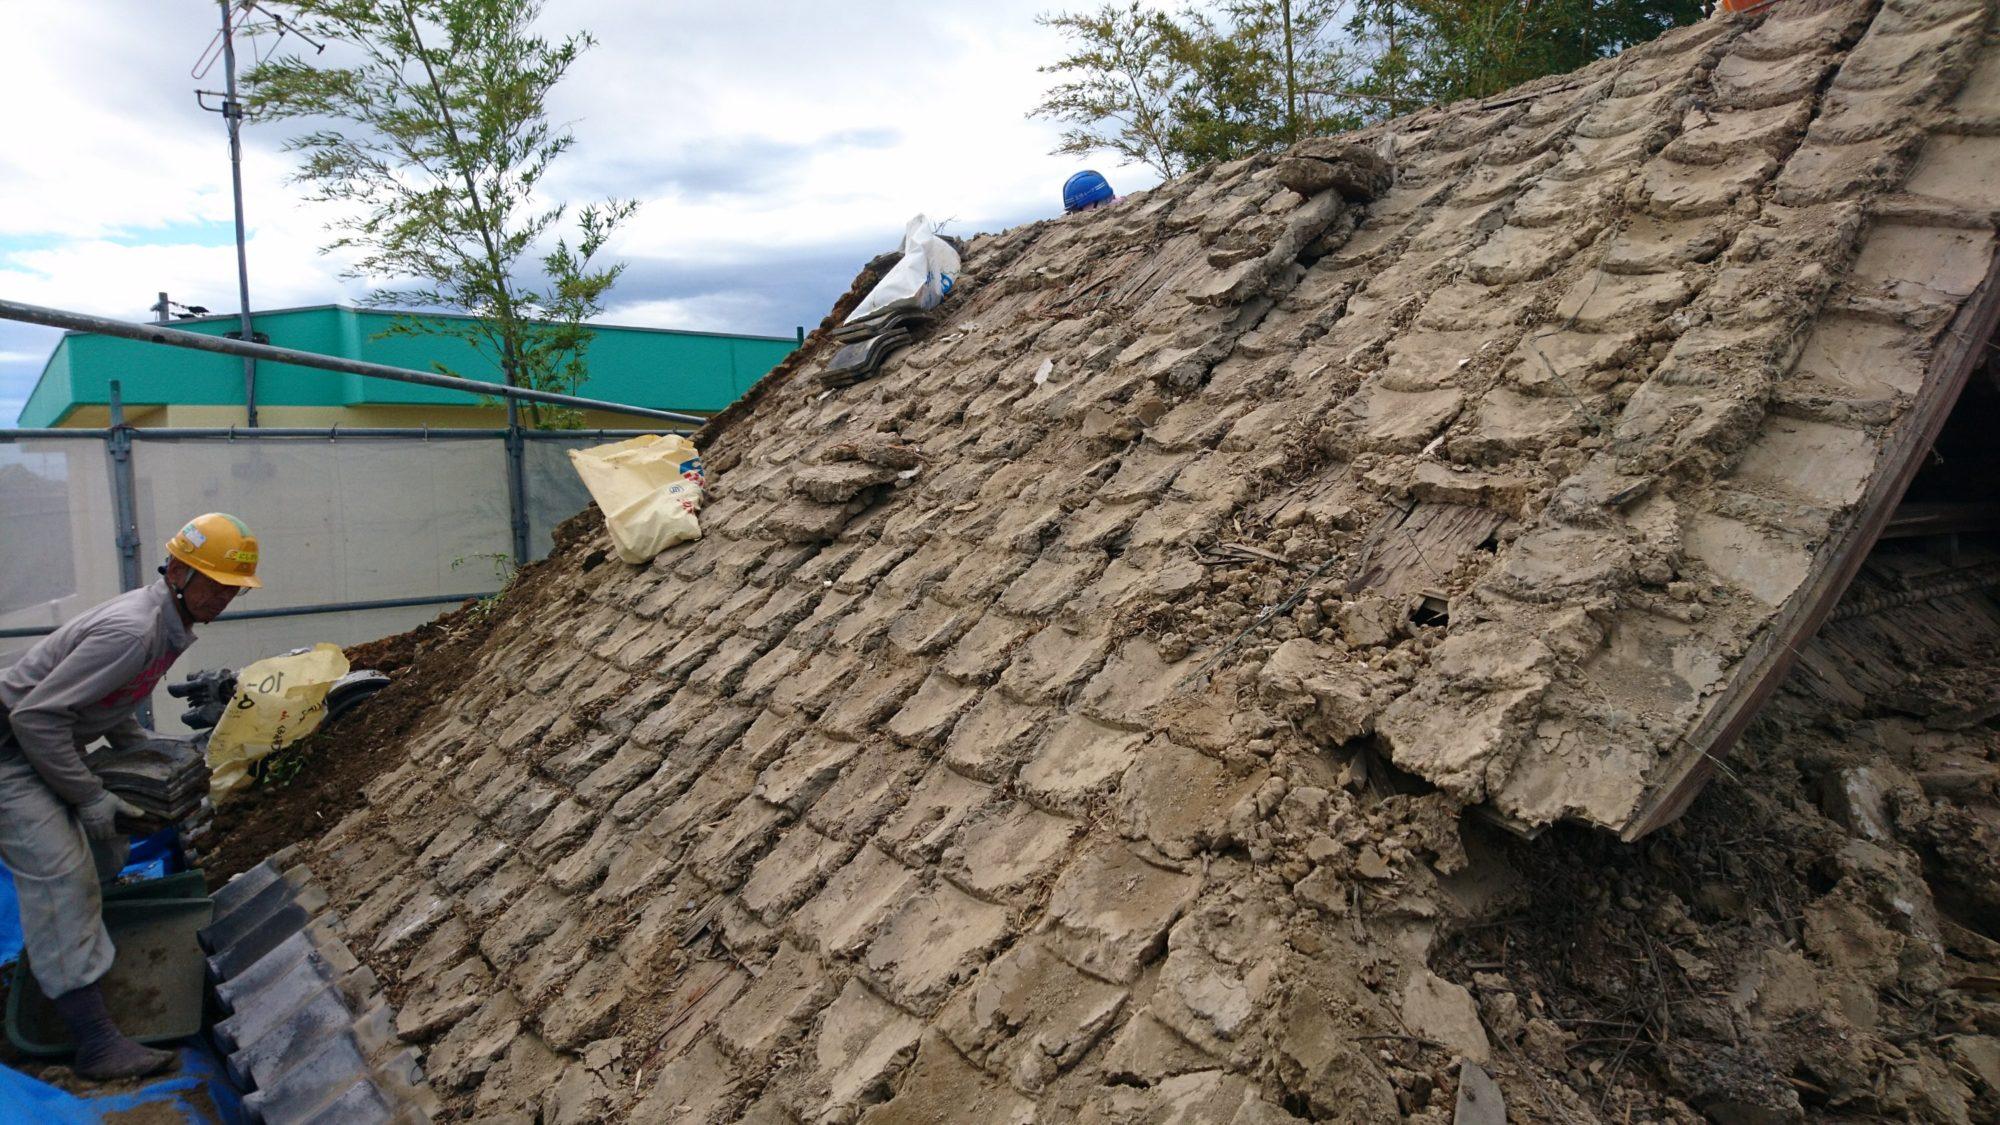 愛西市のお寺で、鐘楼の屋根工事をしています。